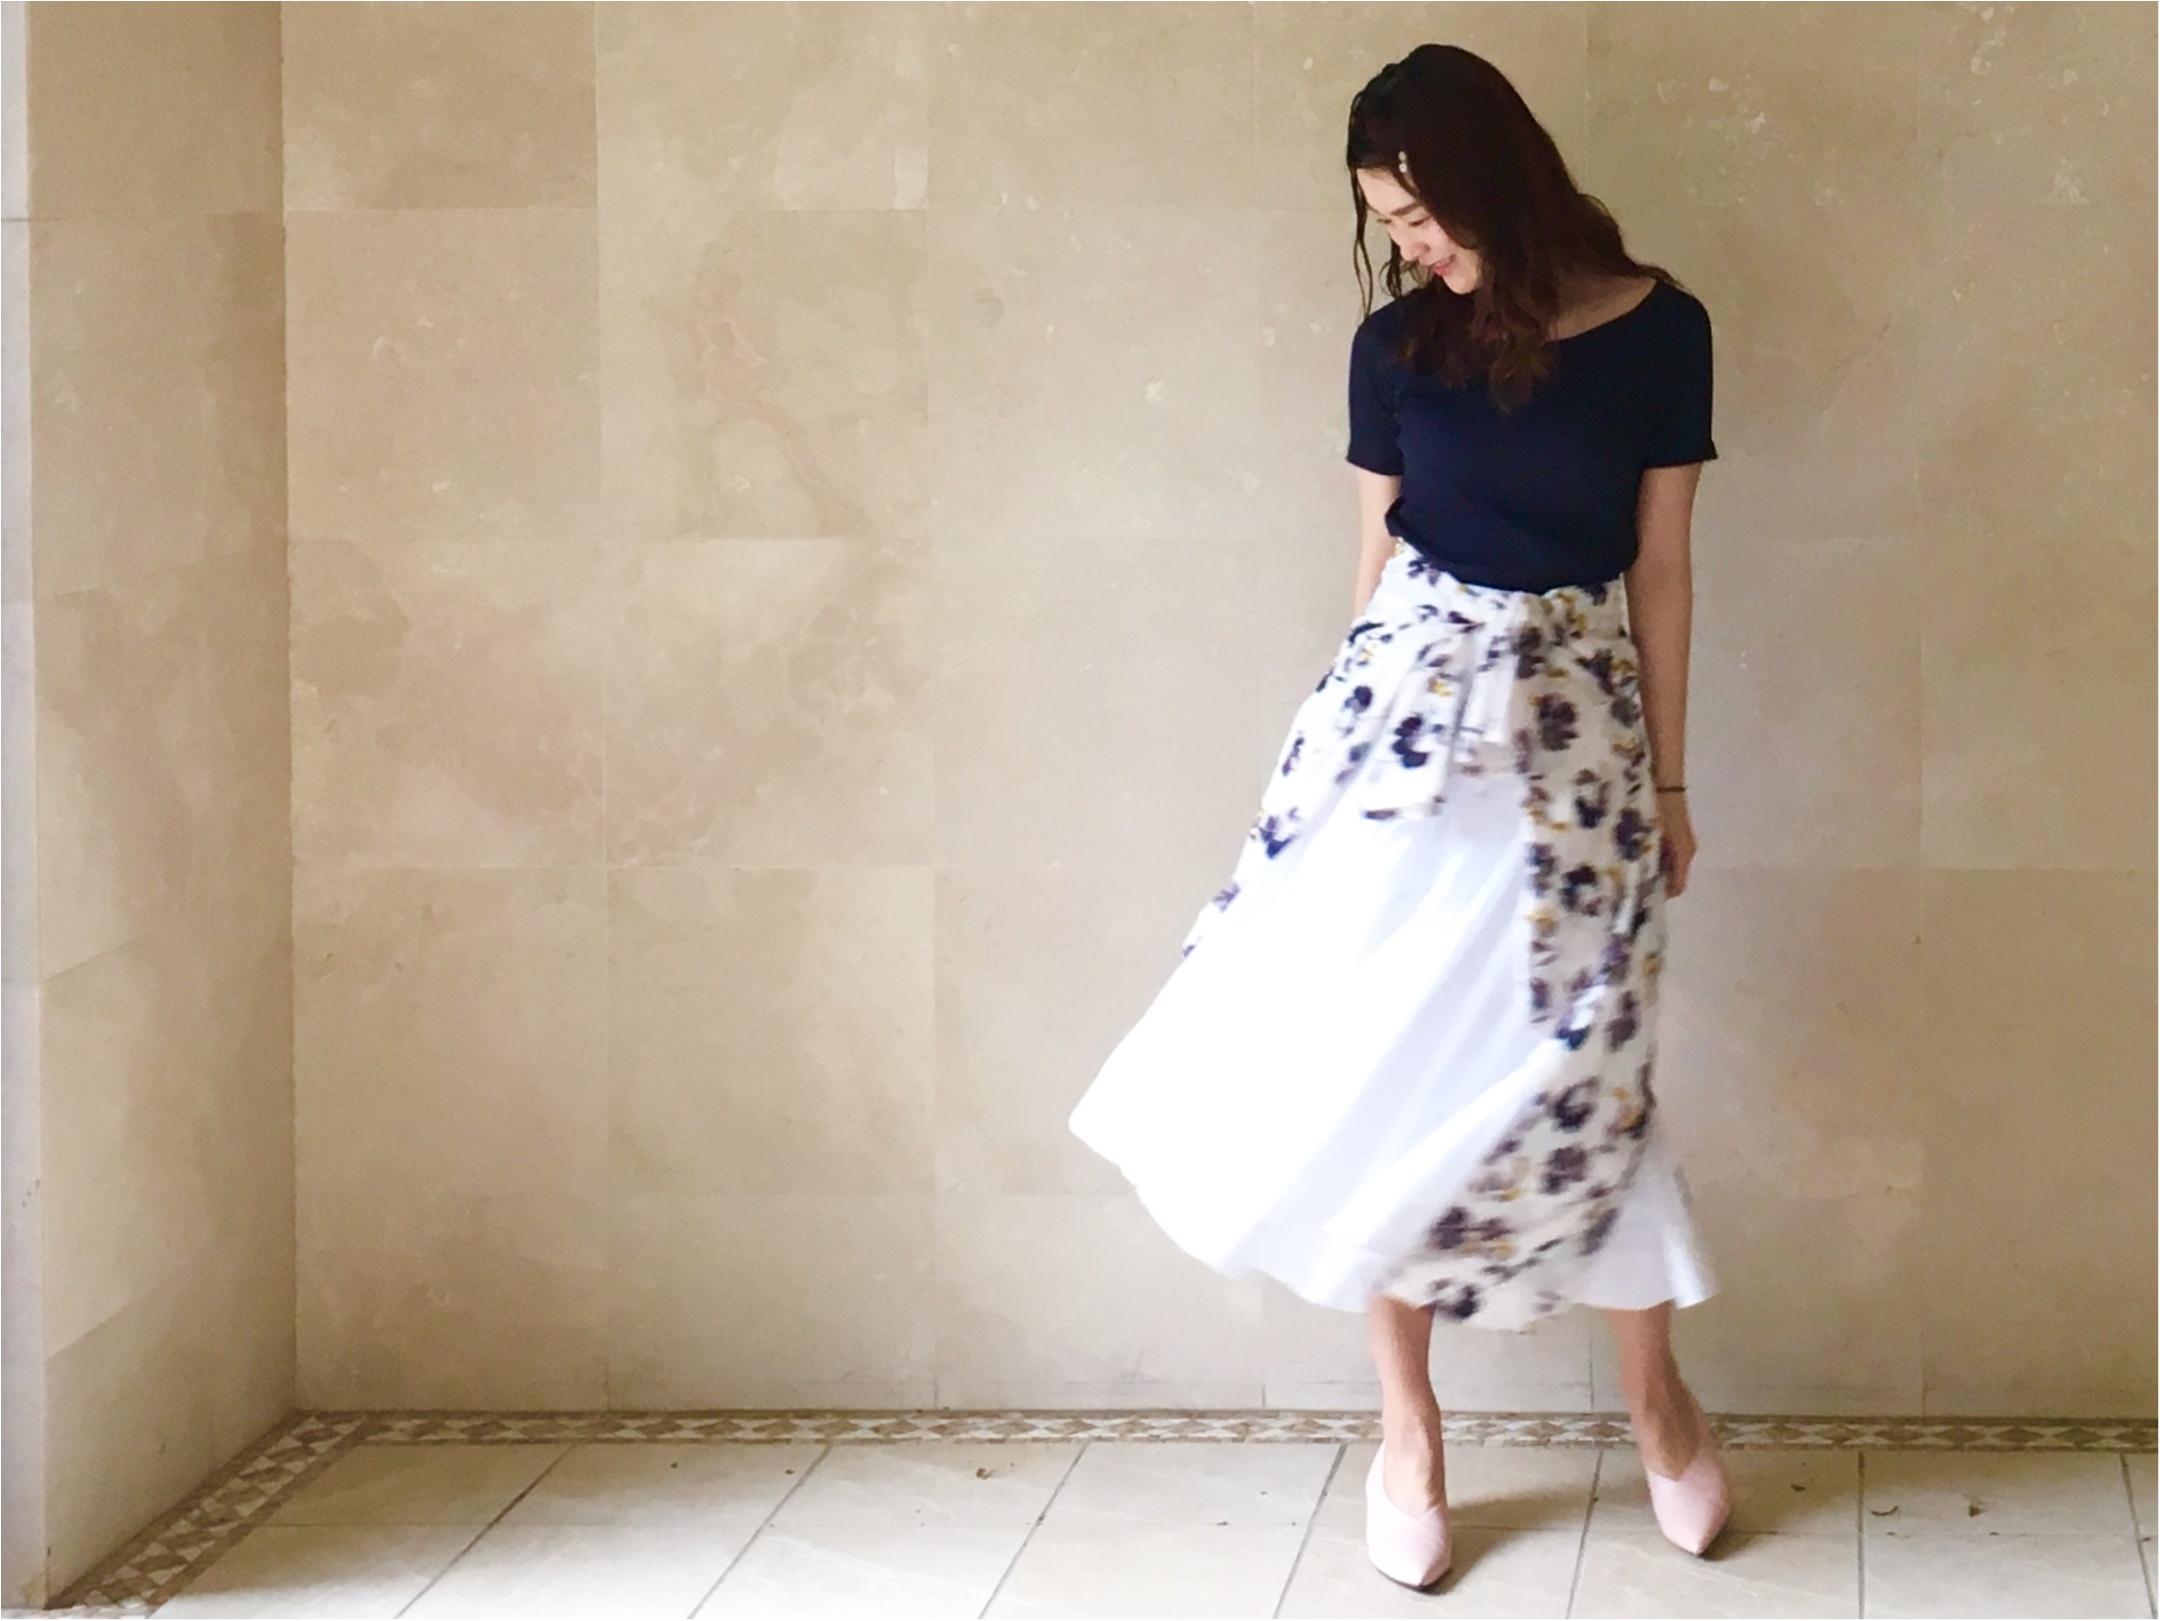 【UNIQLO】シワになりにくいからお手入れ楽チン❤️《美シルエットの優秀スカート》3選!_6